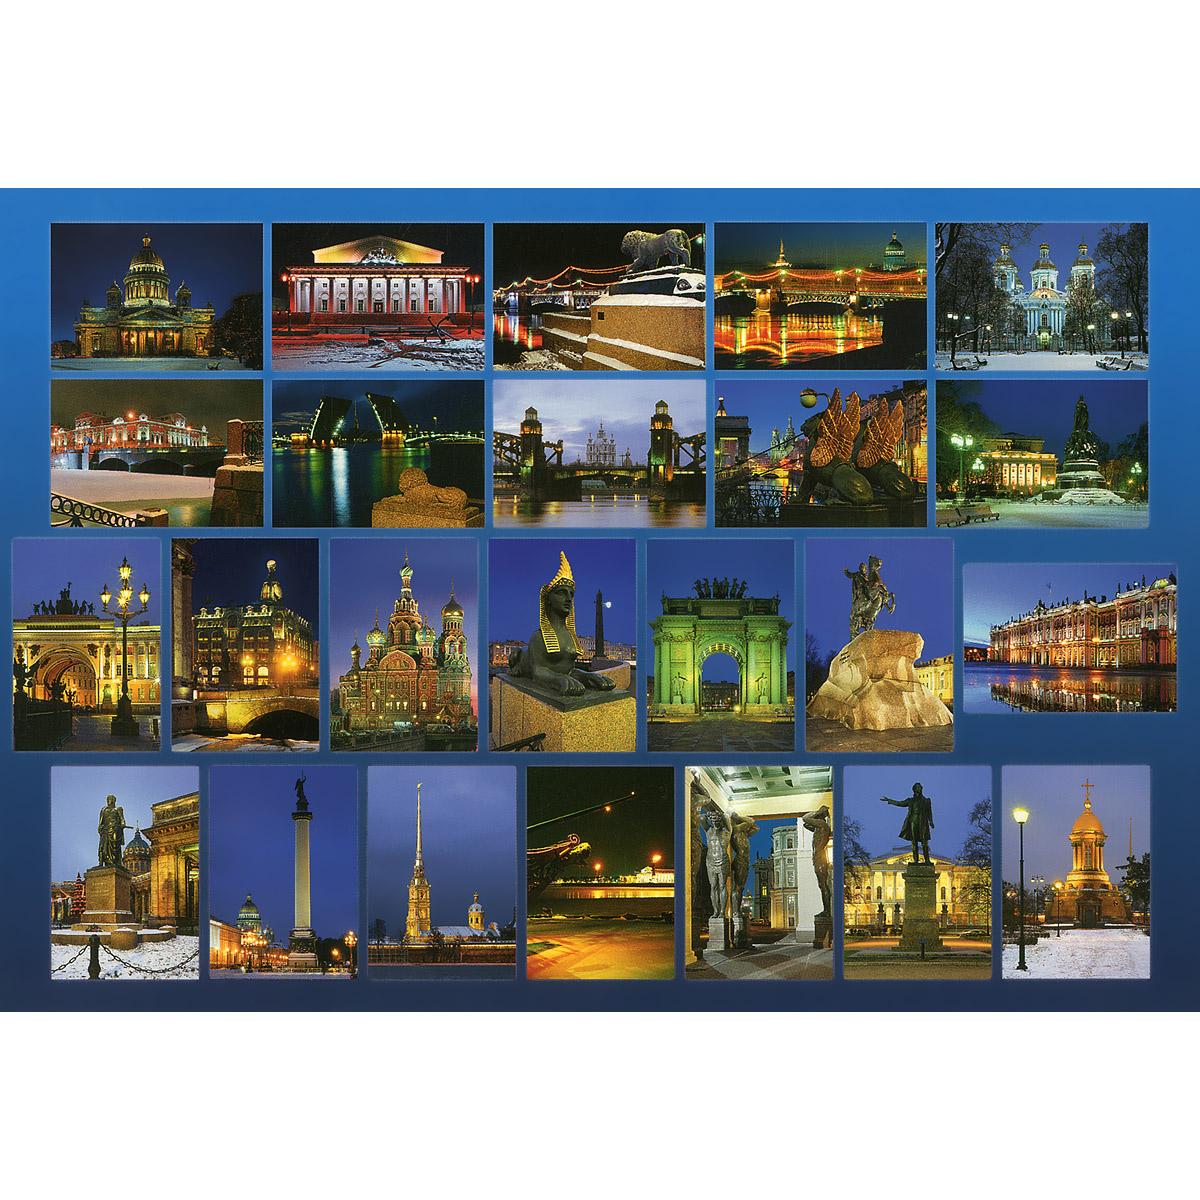 Вечерний Санкт-Петербург / Saint Petersburg in the Evening (набор из 24 открыток)